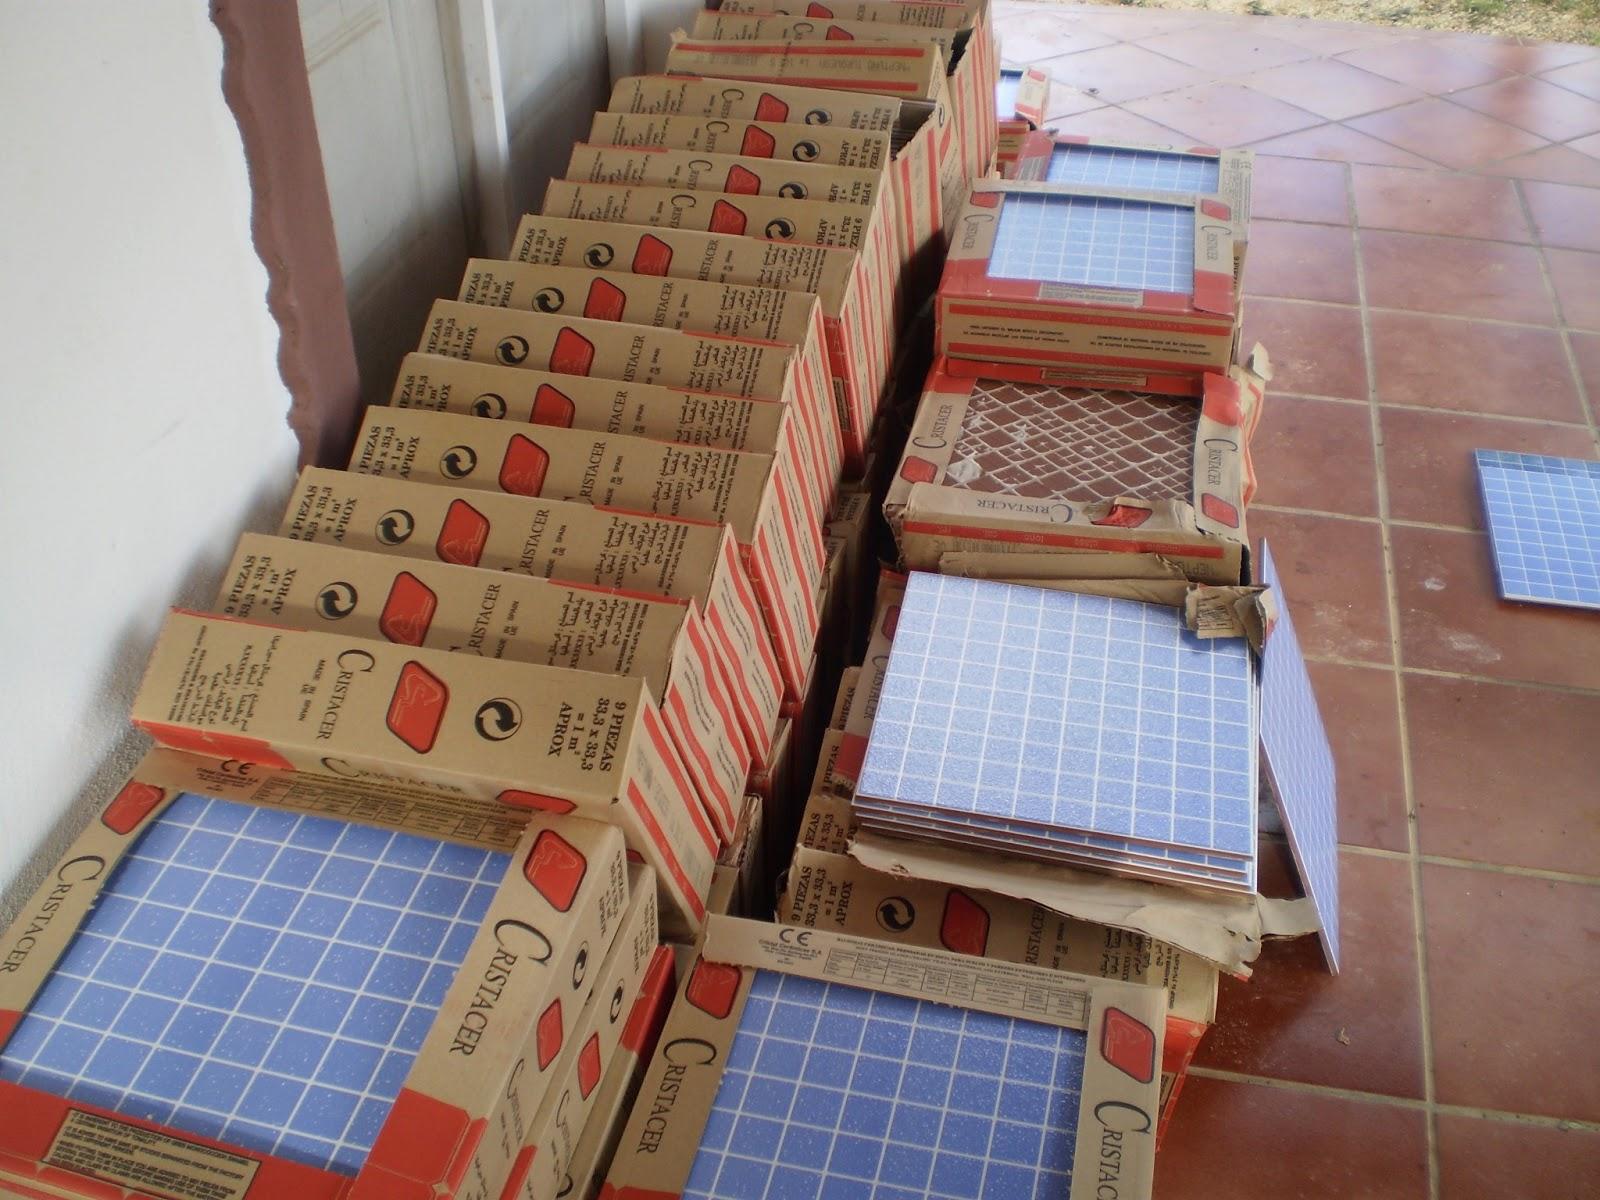 El blog de la elena un blog dulce divertido y for Azulejos gresite